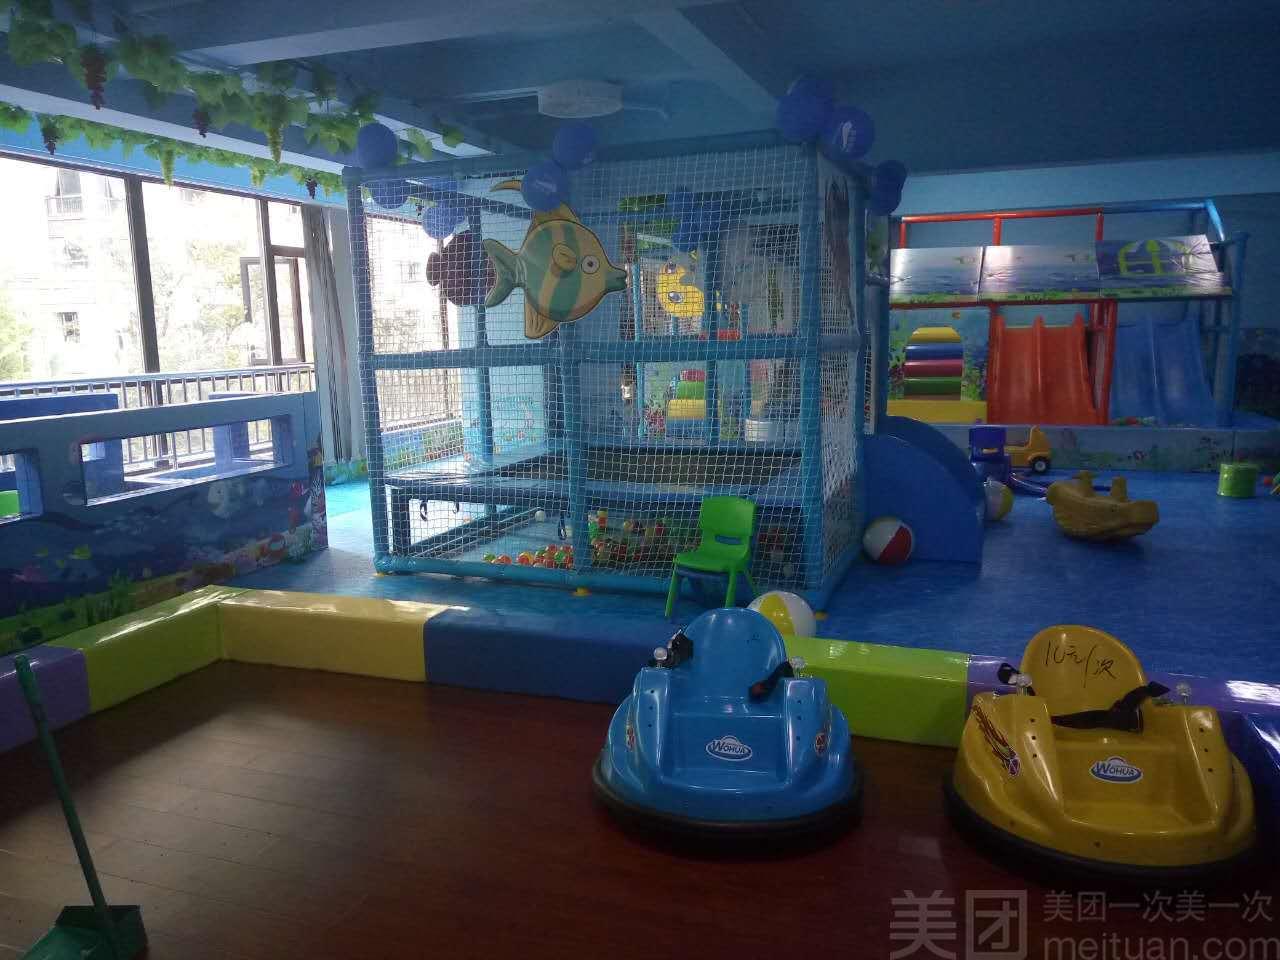 乐贝乐园儿童生活馆-美团